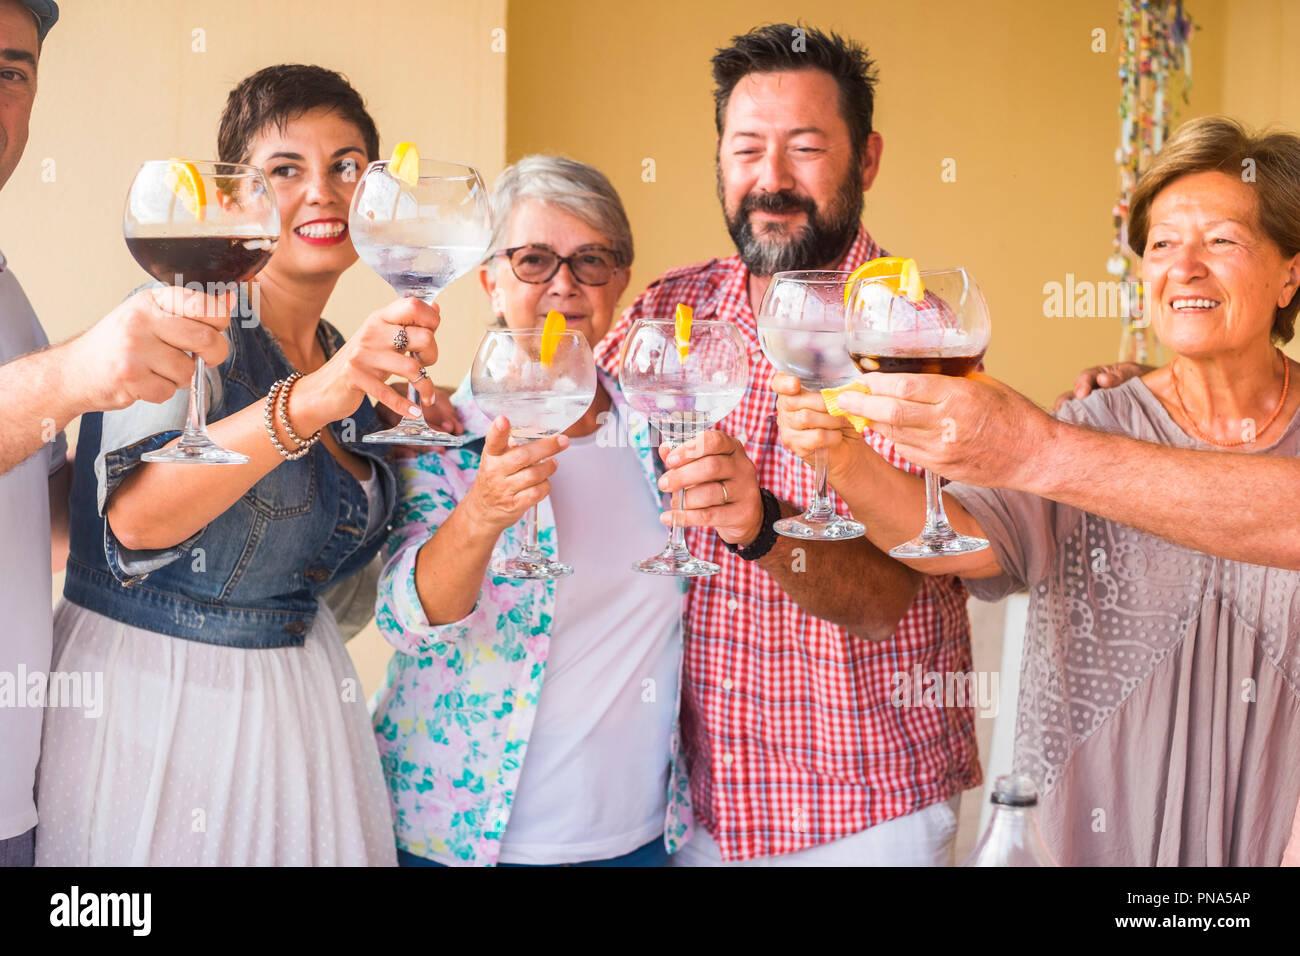 Glückliche Gruppe unterschiedlichen Alters Menschen feiern und Spaß haben, in Freundschaft zu Hause oder im Restaurant. zujubeln und Toasten mit Cocktails und Stockbild